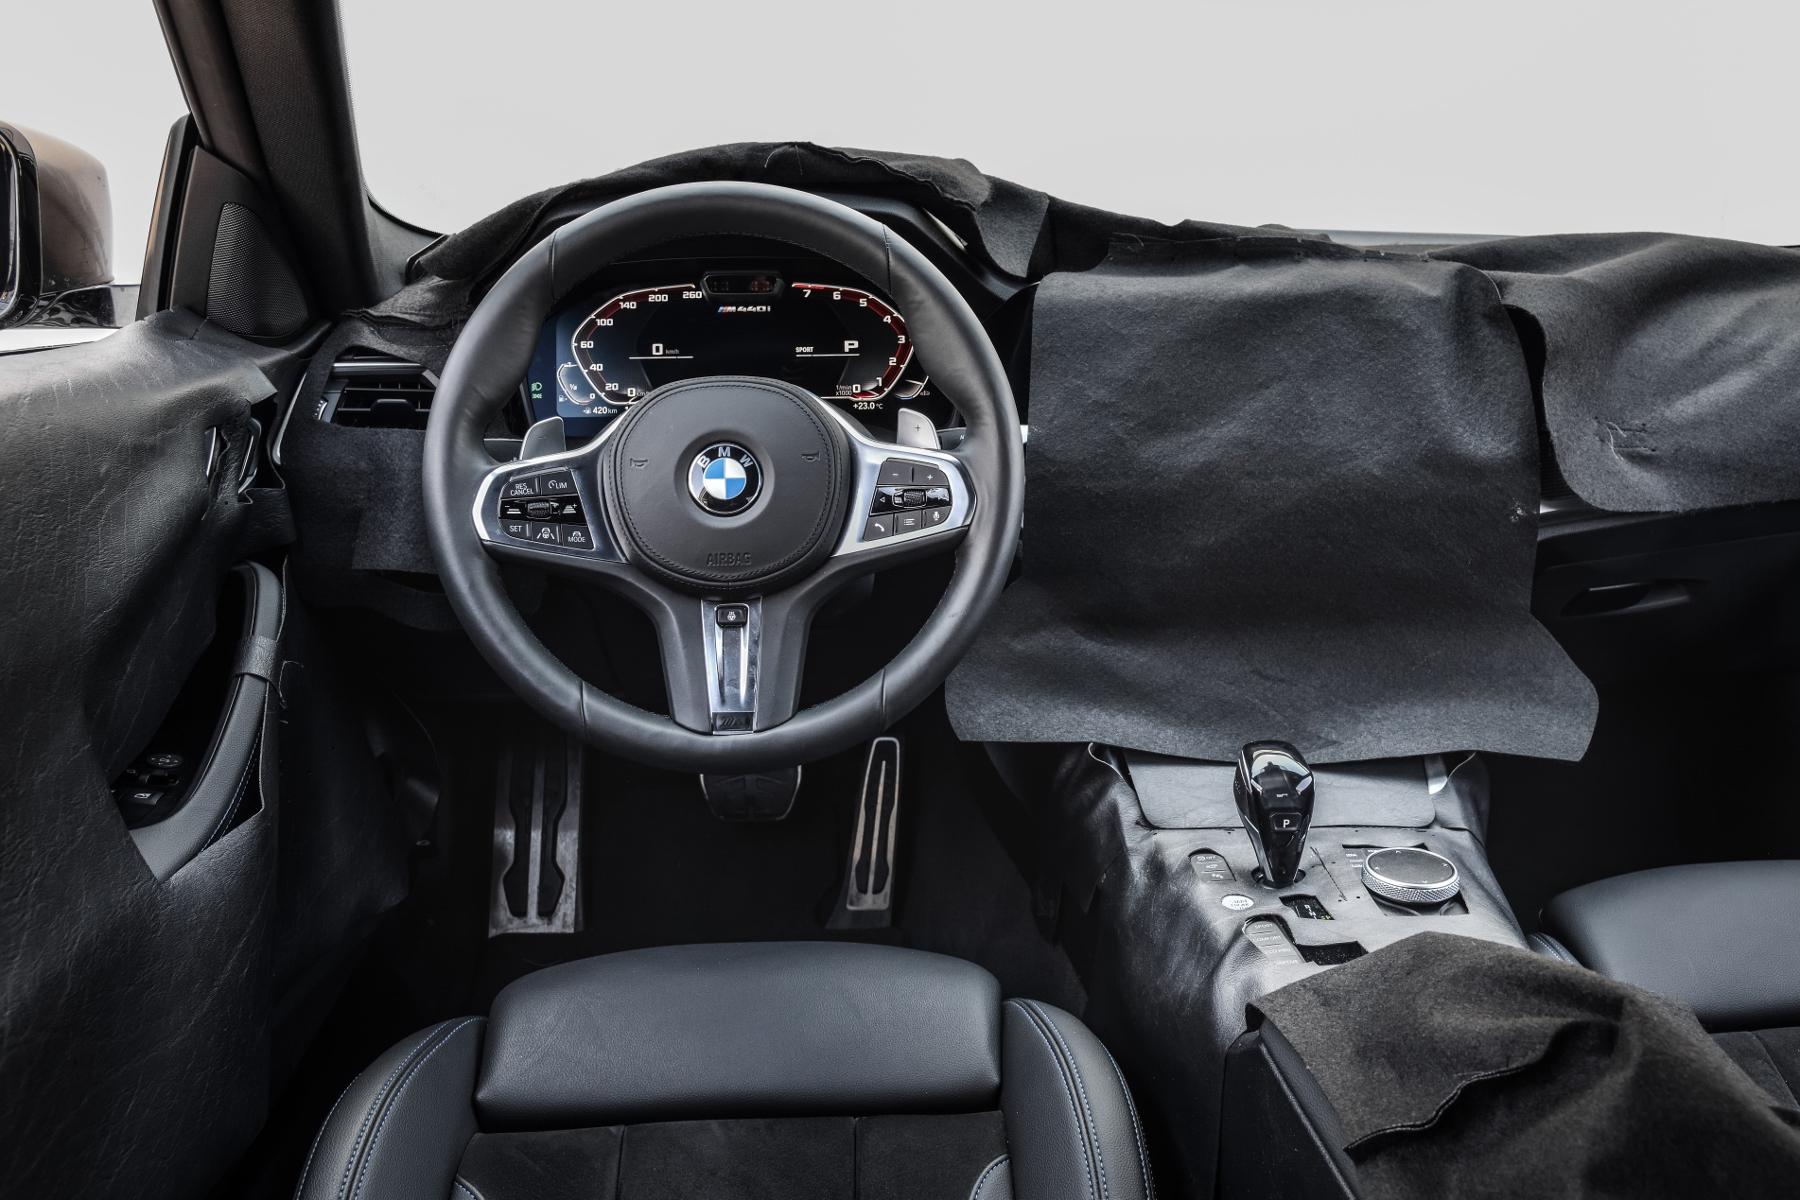 Nové BMW radu 4 Coupé dostane športovejší podvozok QxlCLJrVaV bmw-4-coupe-23